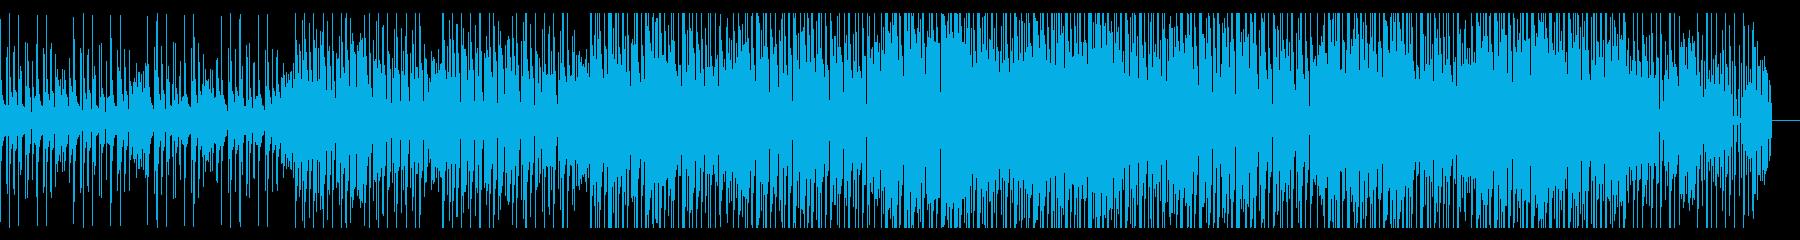 不思議でミニマルなラテン・ミュージックの再生済みの波形